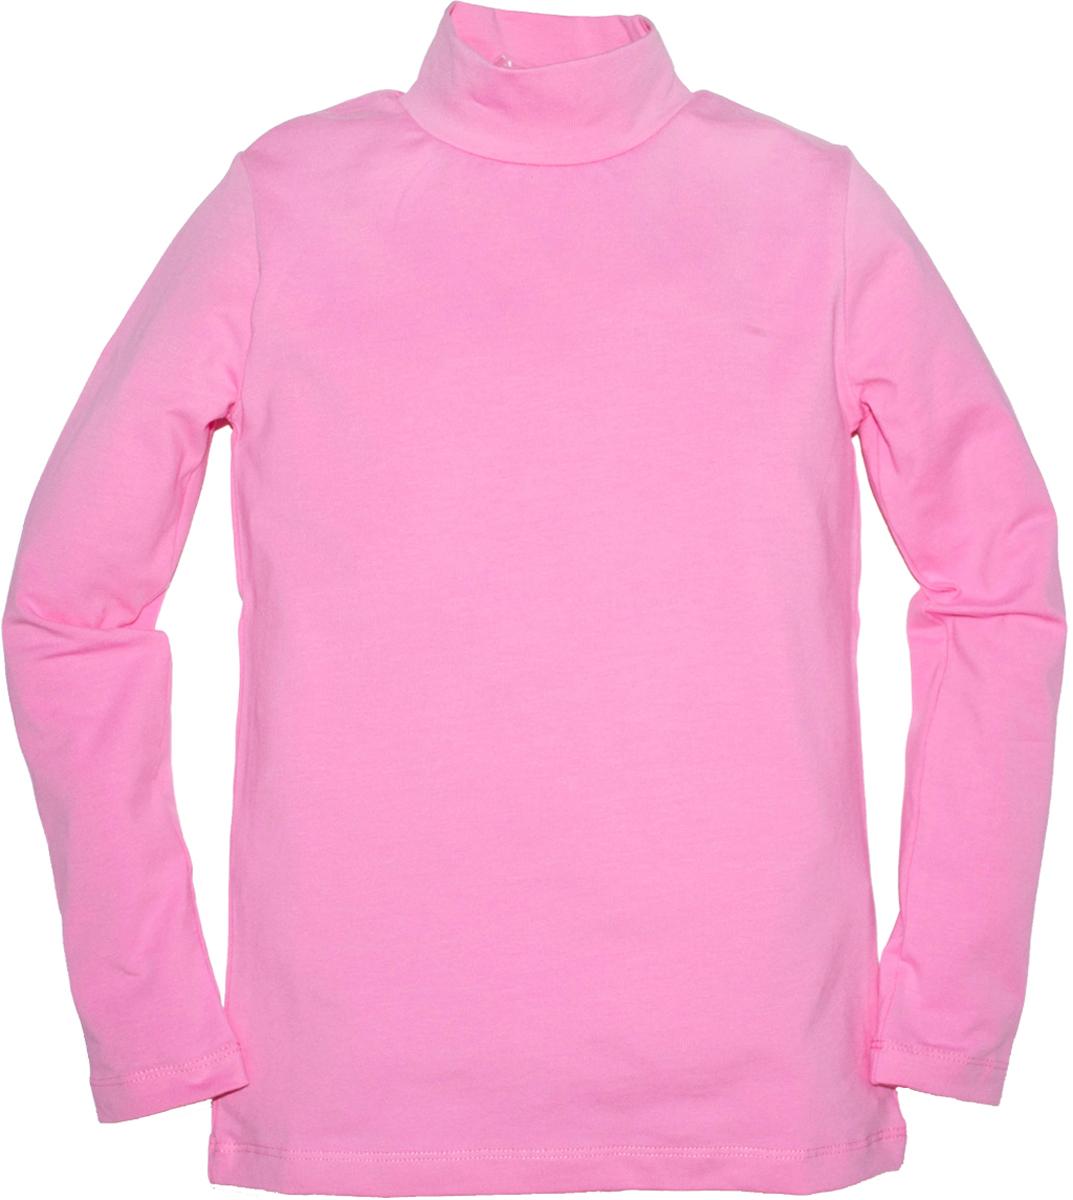 Водолазка для девочек Lets Go, цвет: розовый.614. Размер 158614